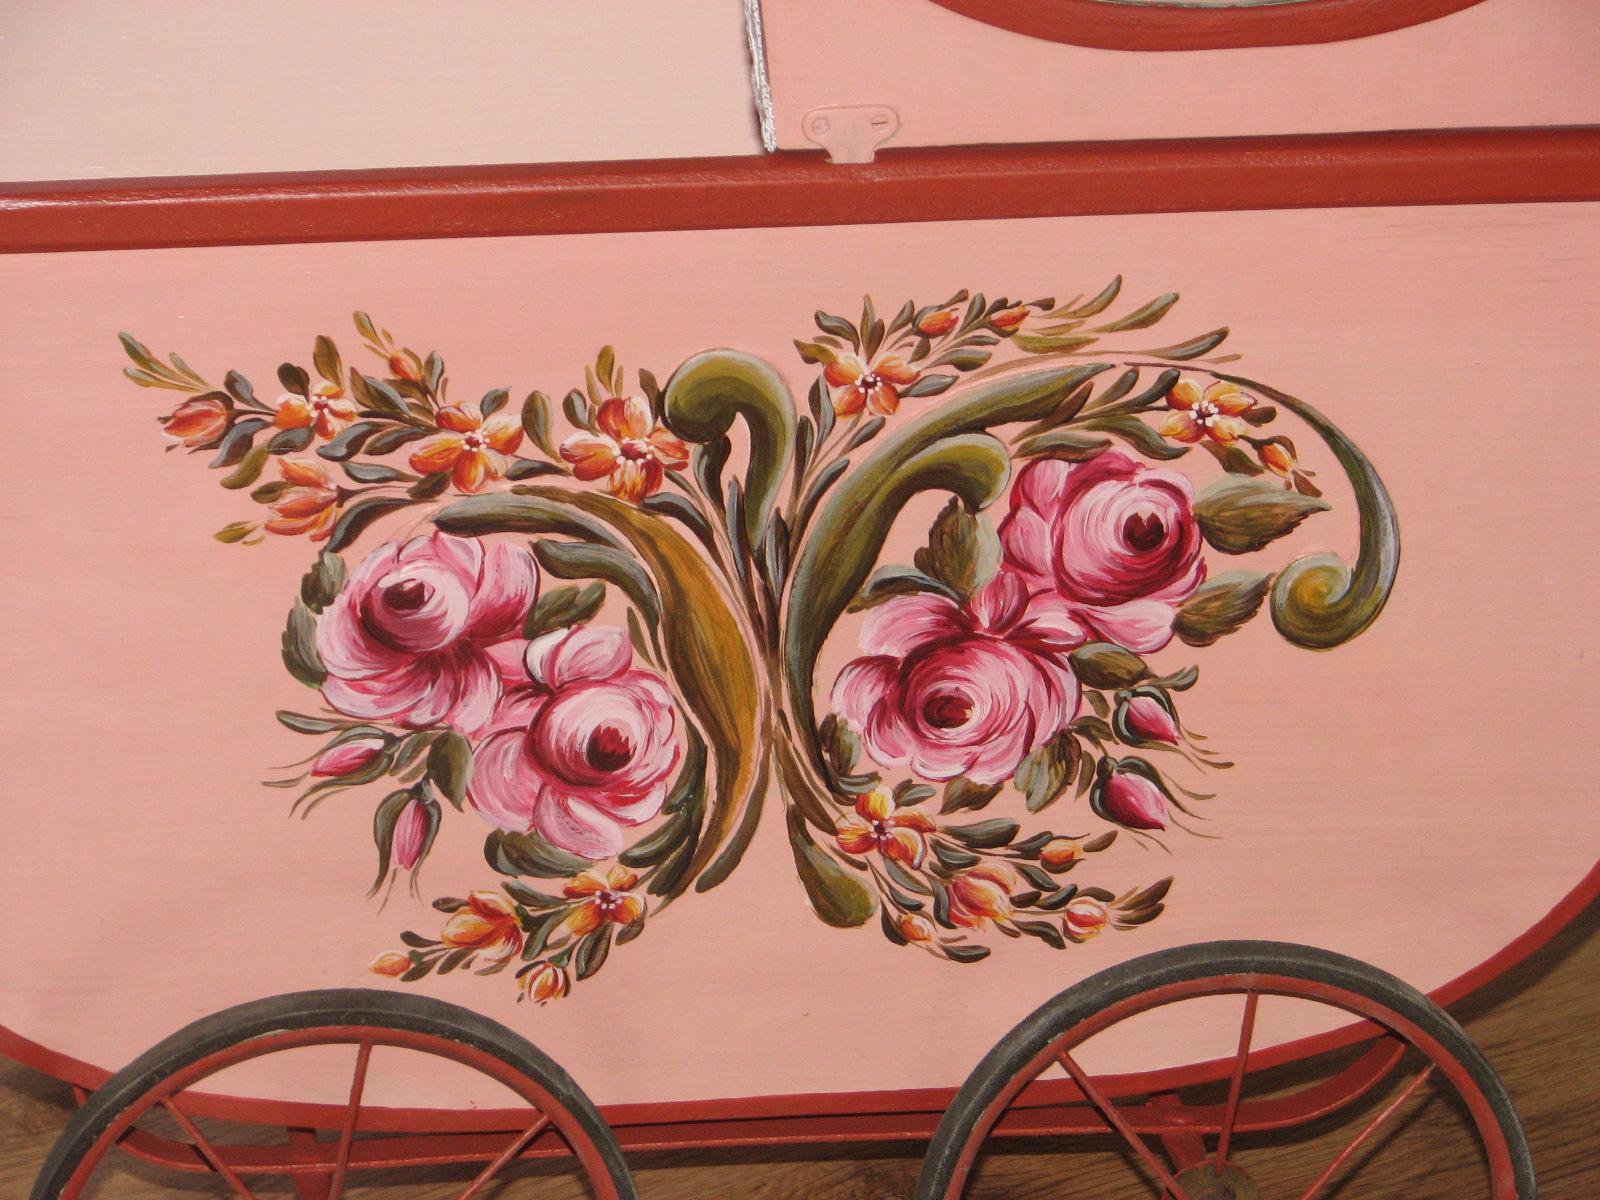 Růžový starožitný malovaný kočárek detail